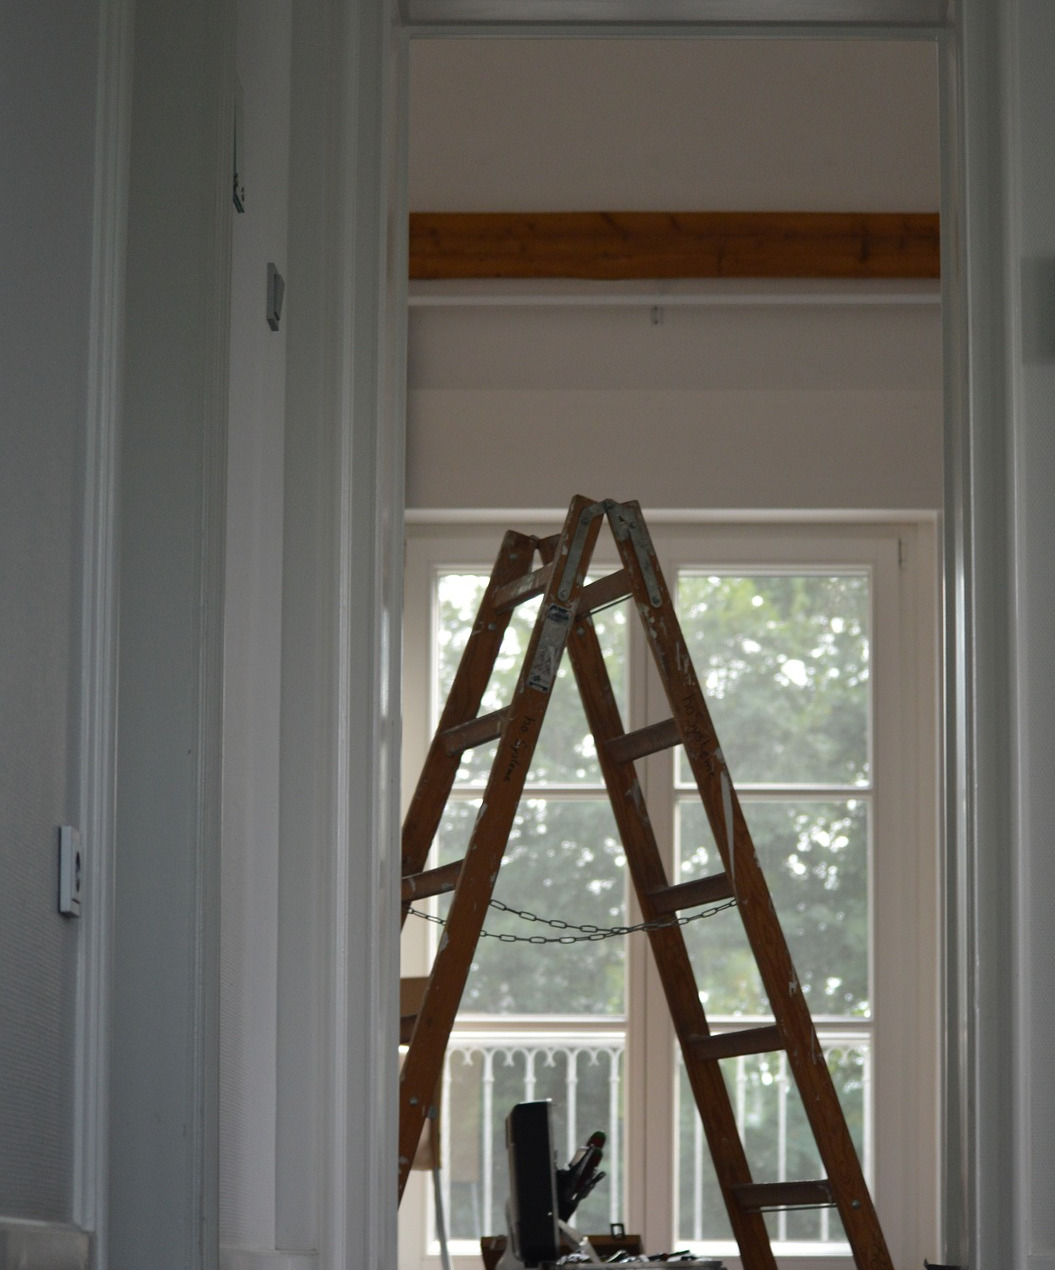 Lavori in casa permessi e autorizzazioni necessarie - Lavori di ristrutturazione casa ...